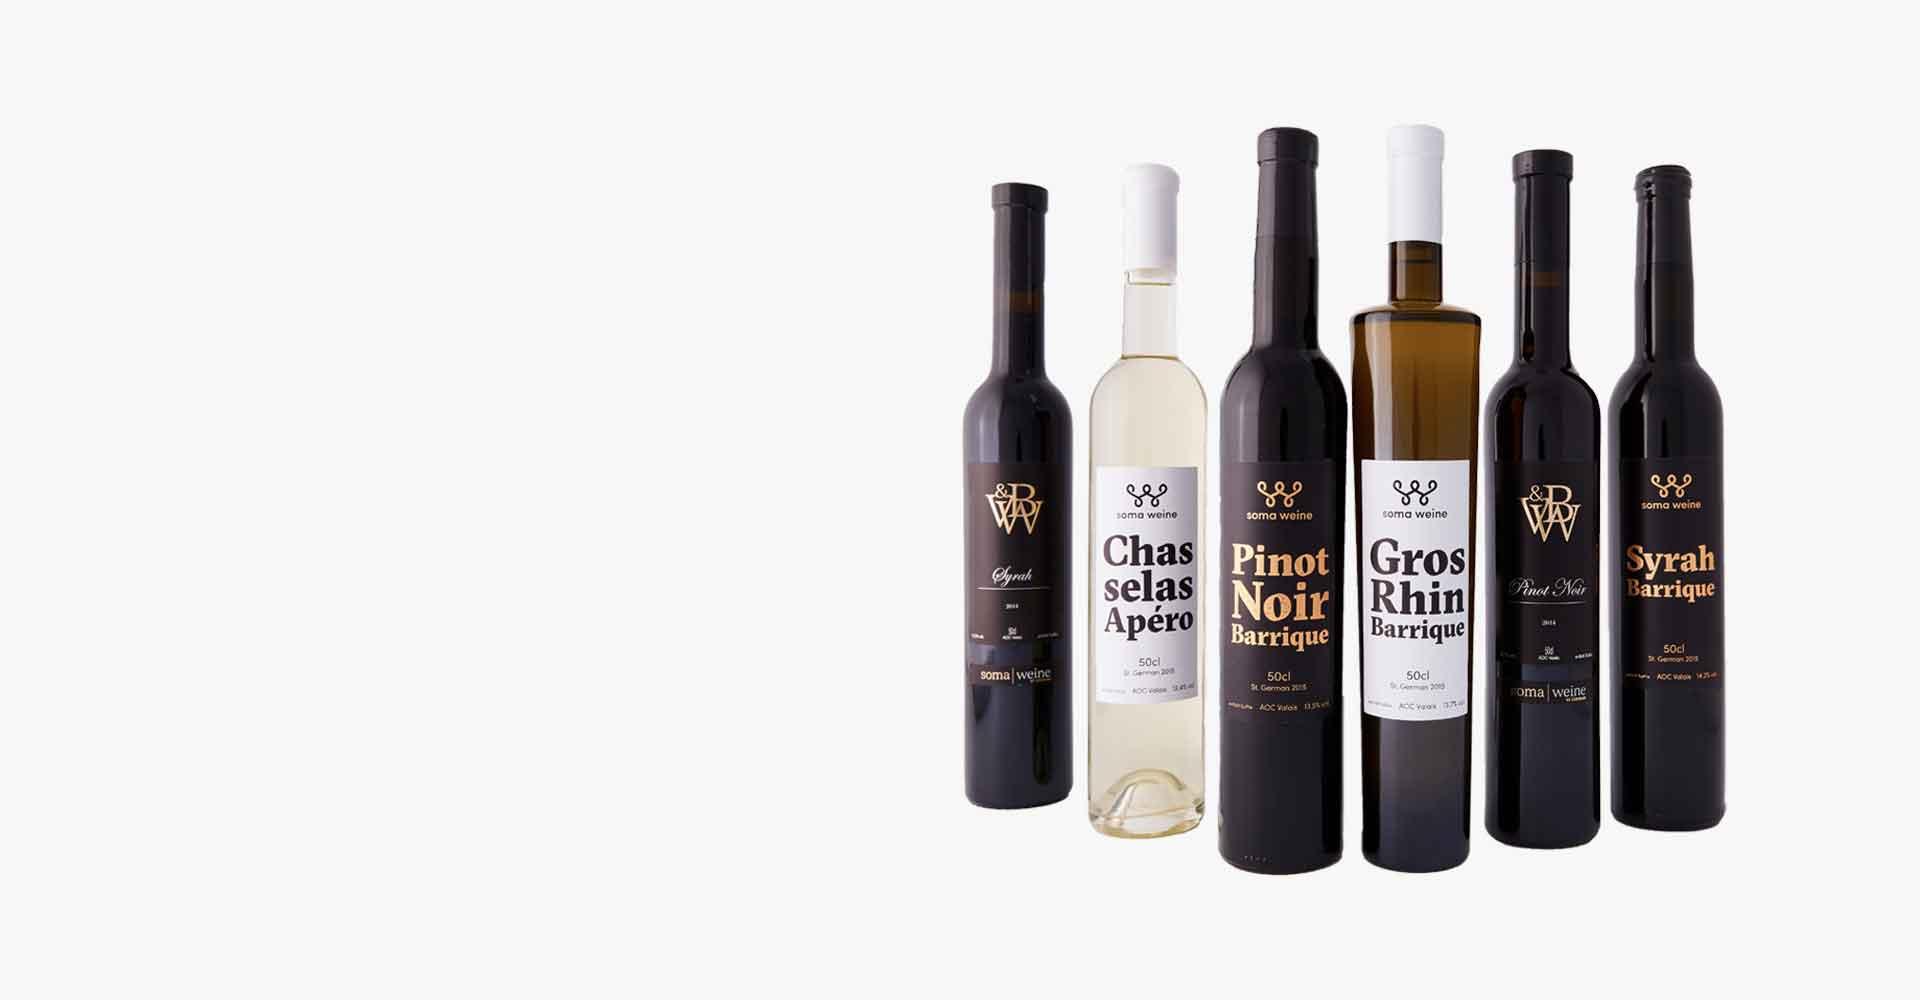 Angebot premium Weinpaket von soma weine 2015